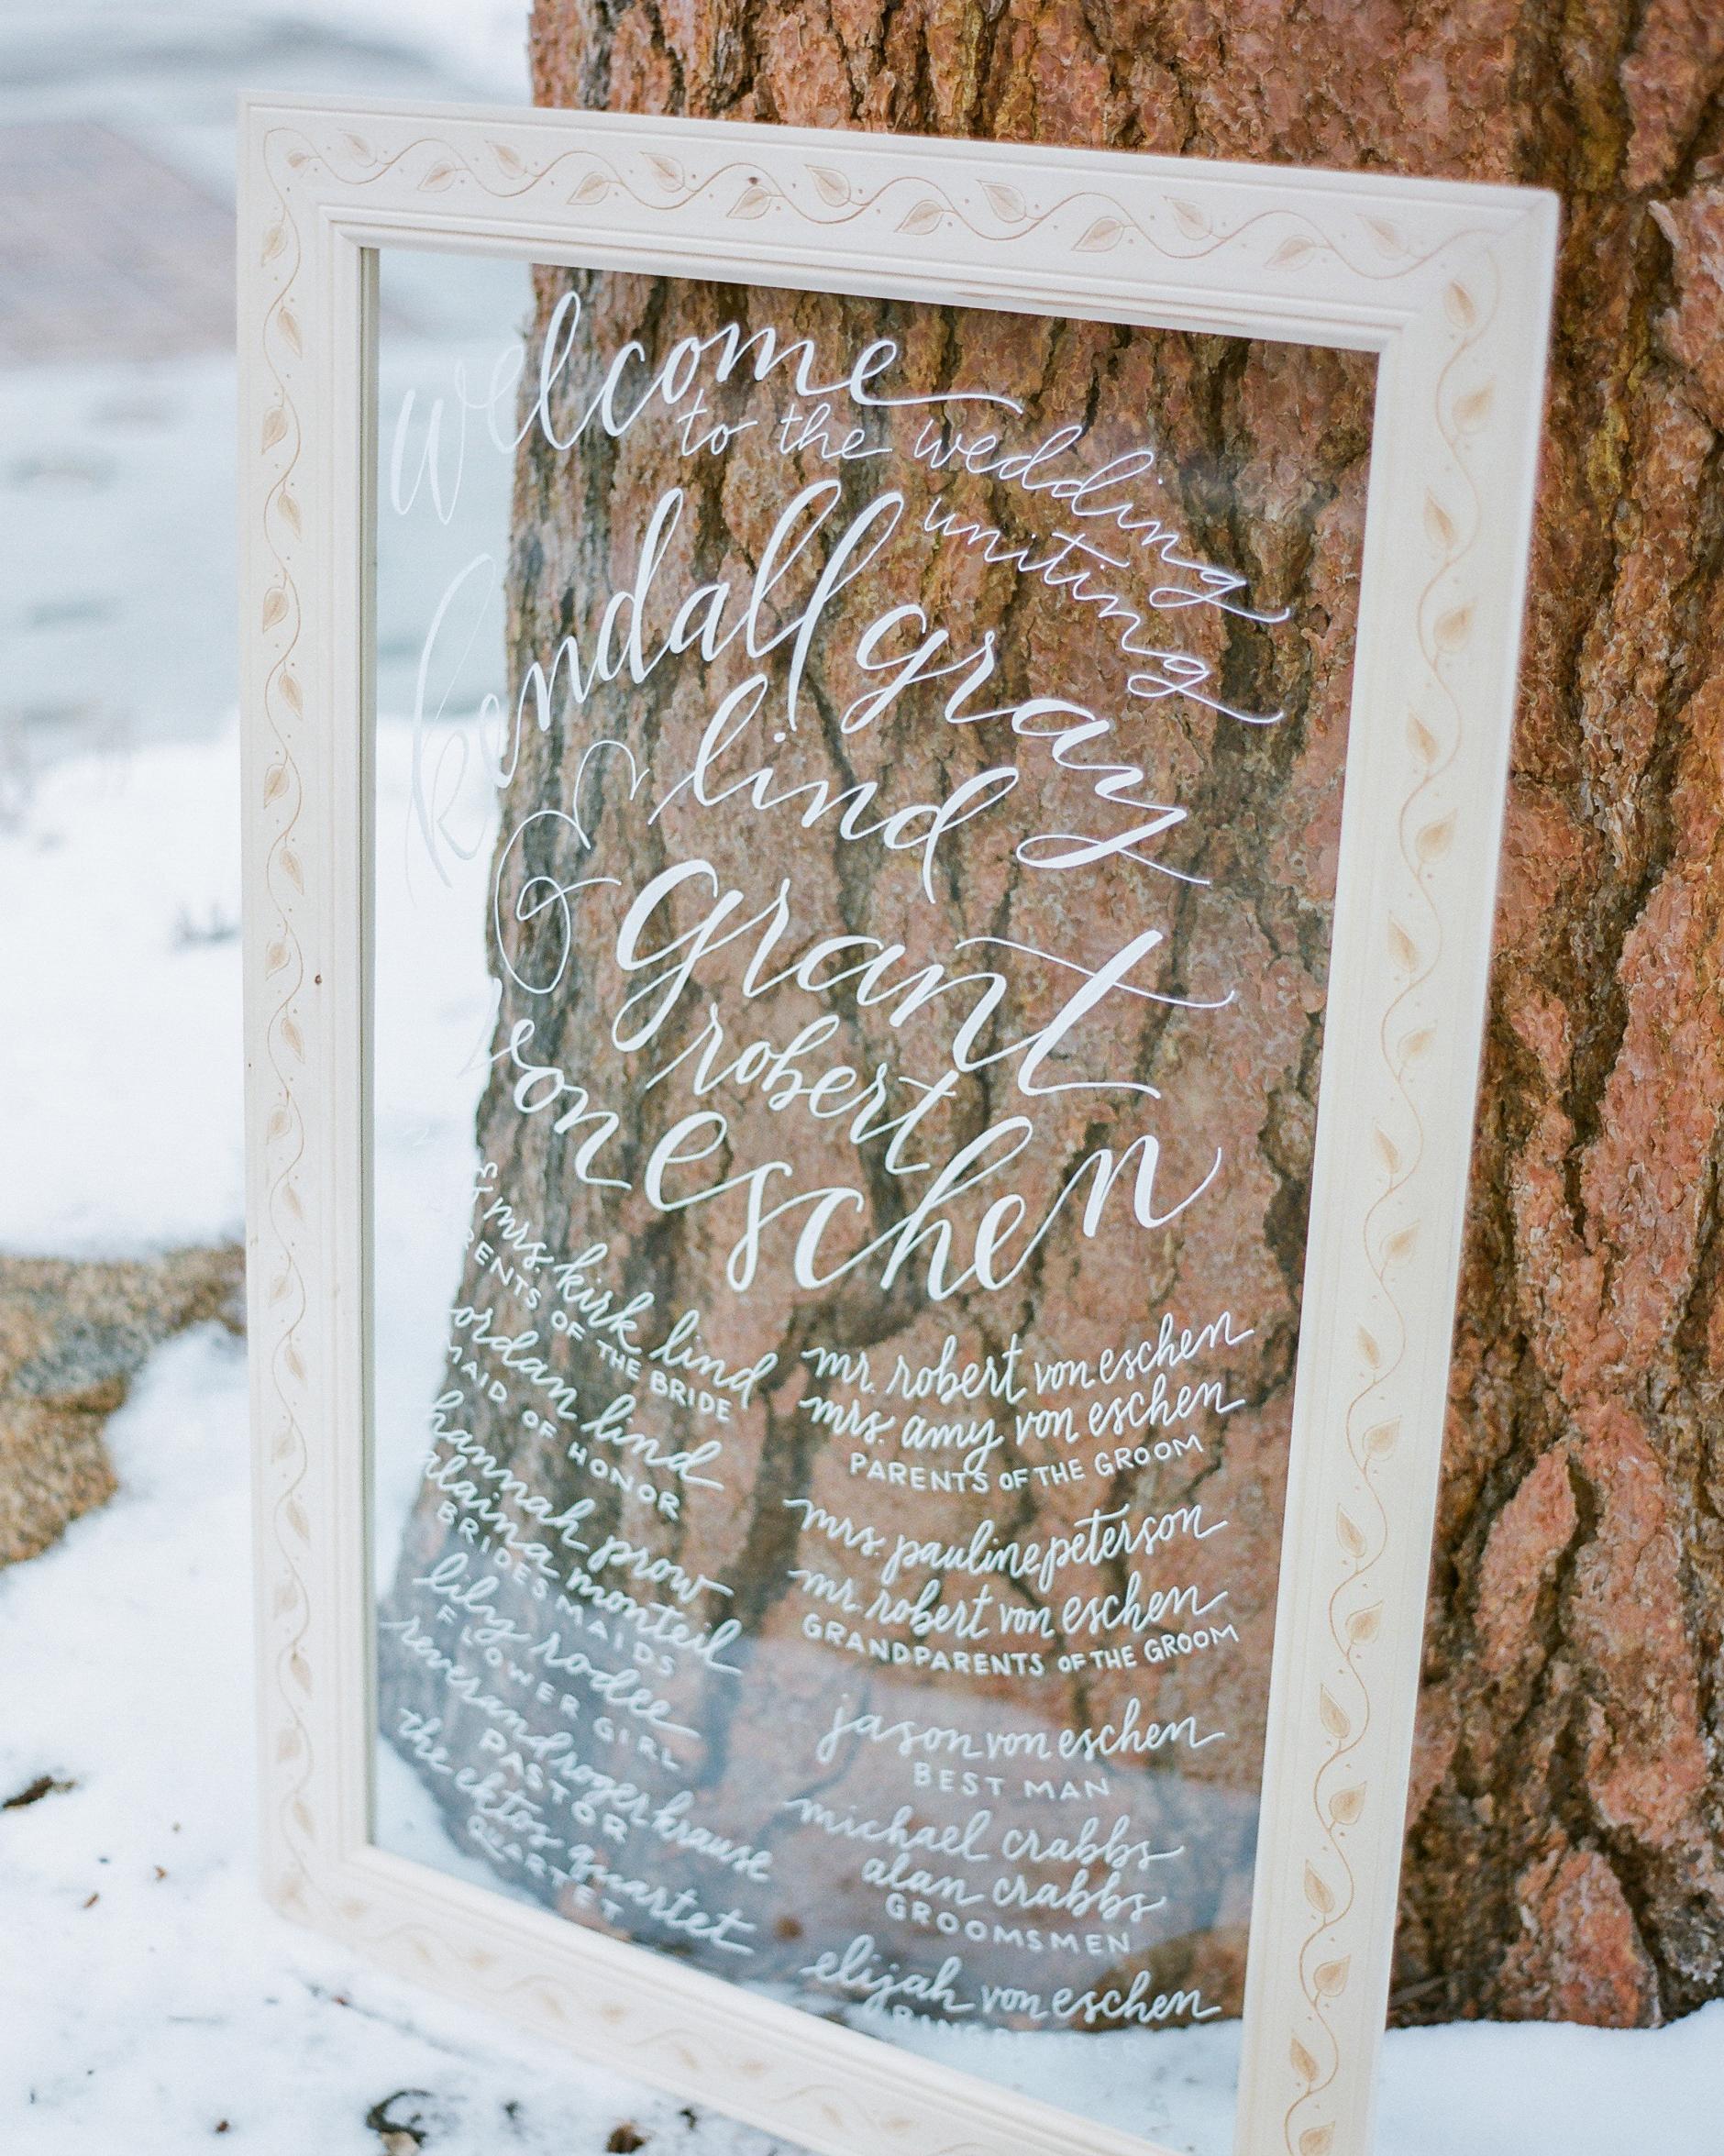 kendall-grant-wedding-program-049-s112328-1215.jpg